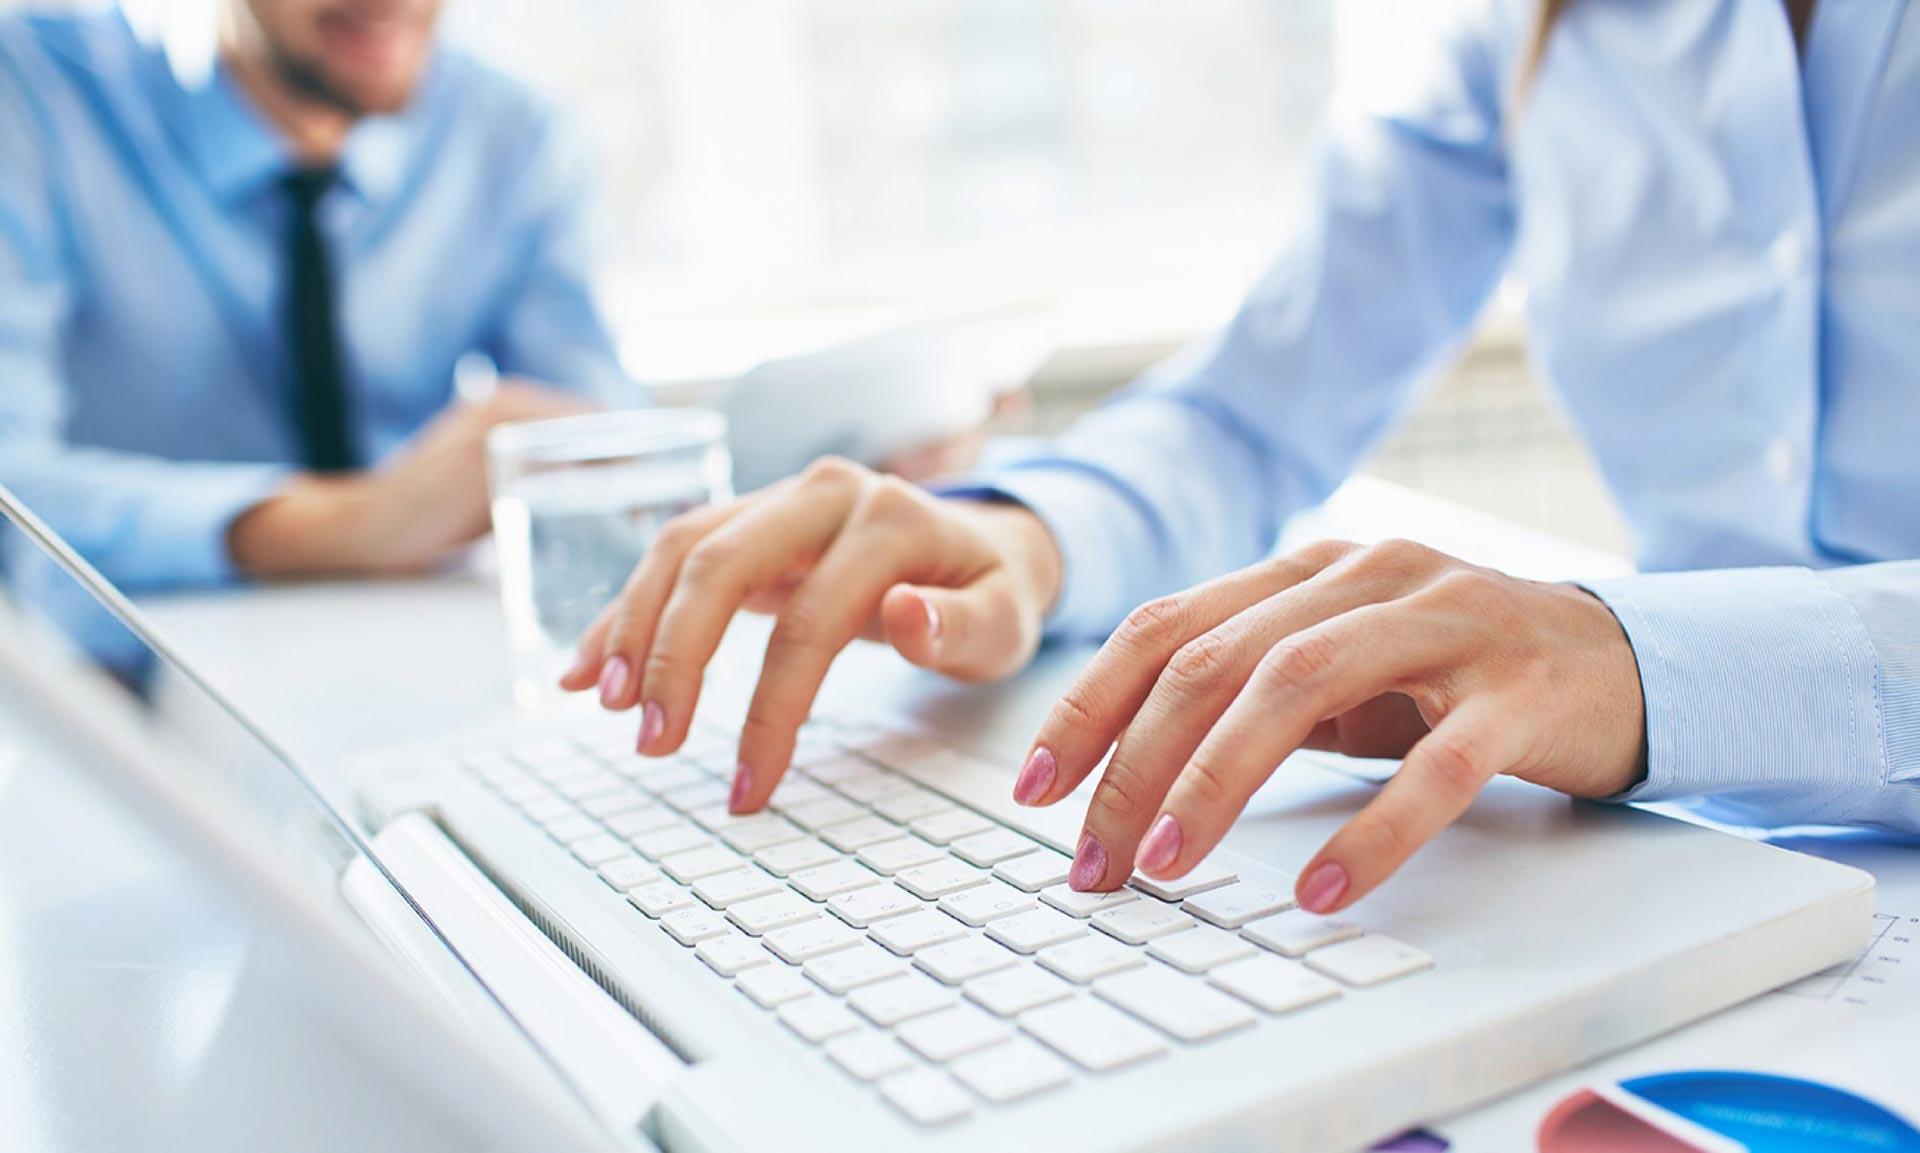 займ онлайн в казахстане без отказа